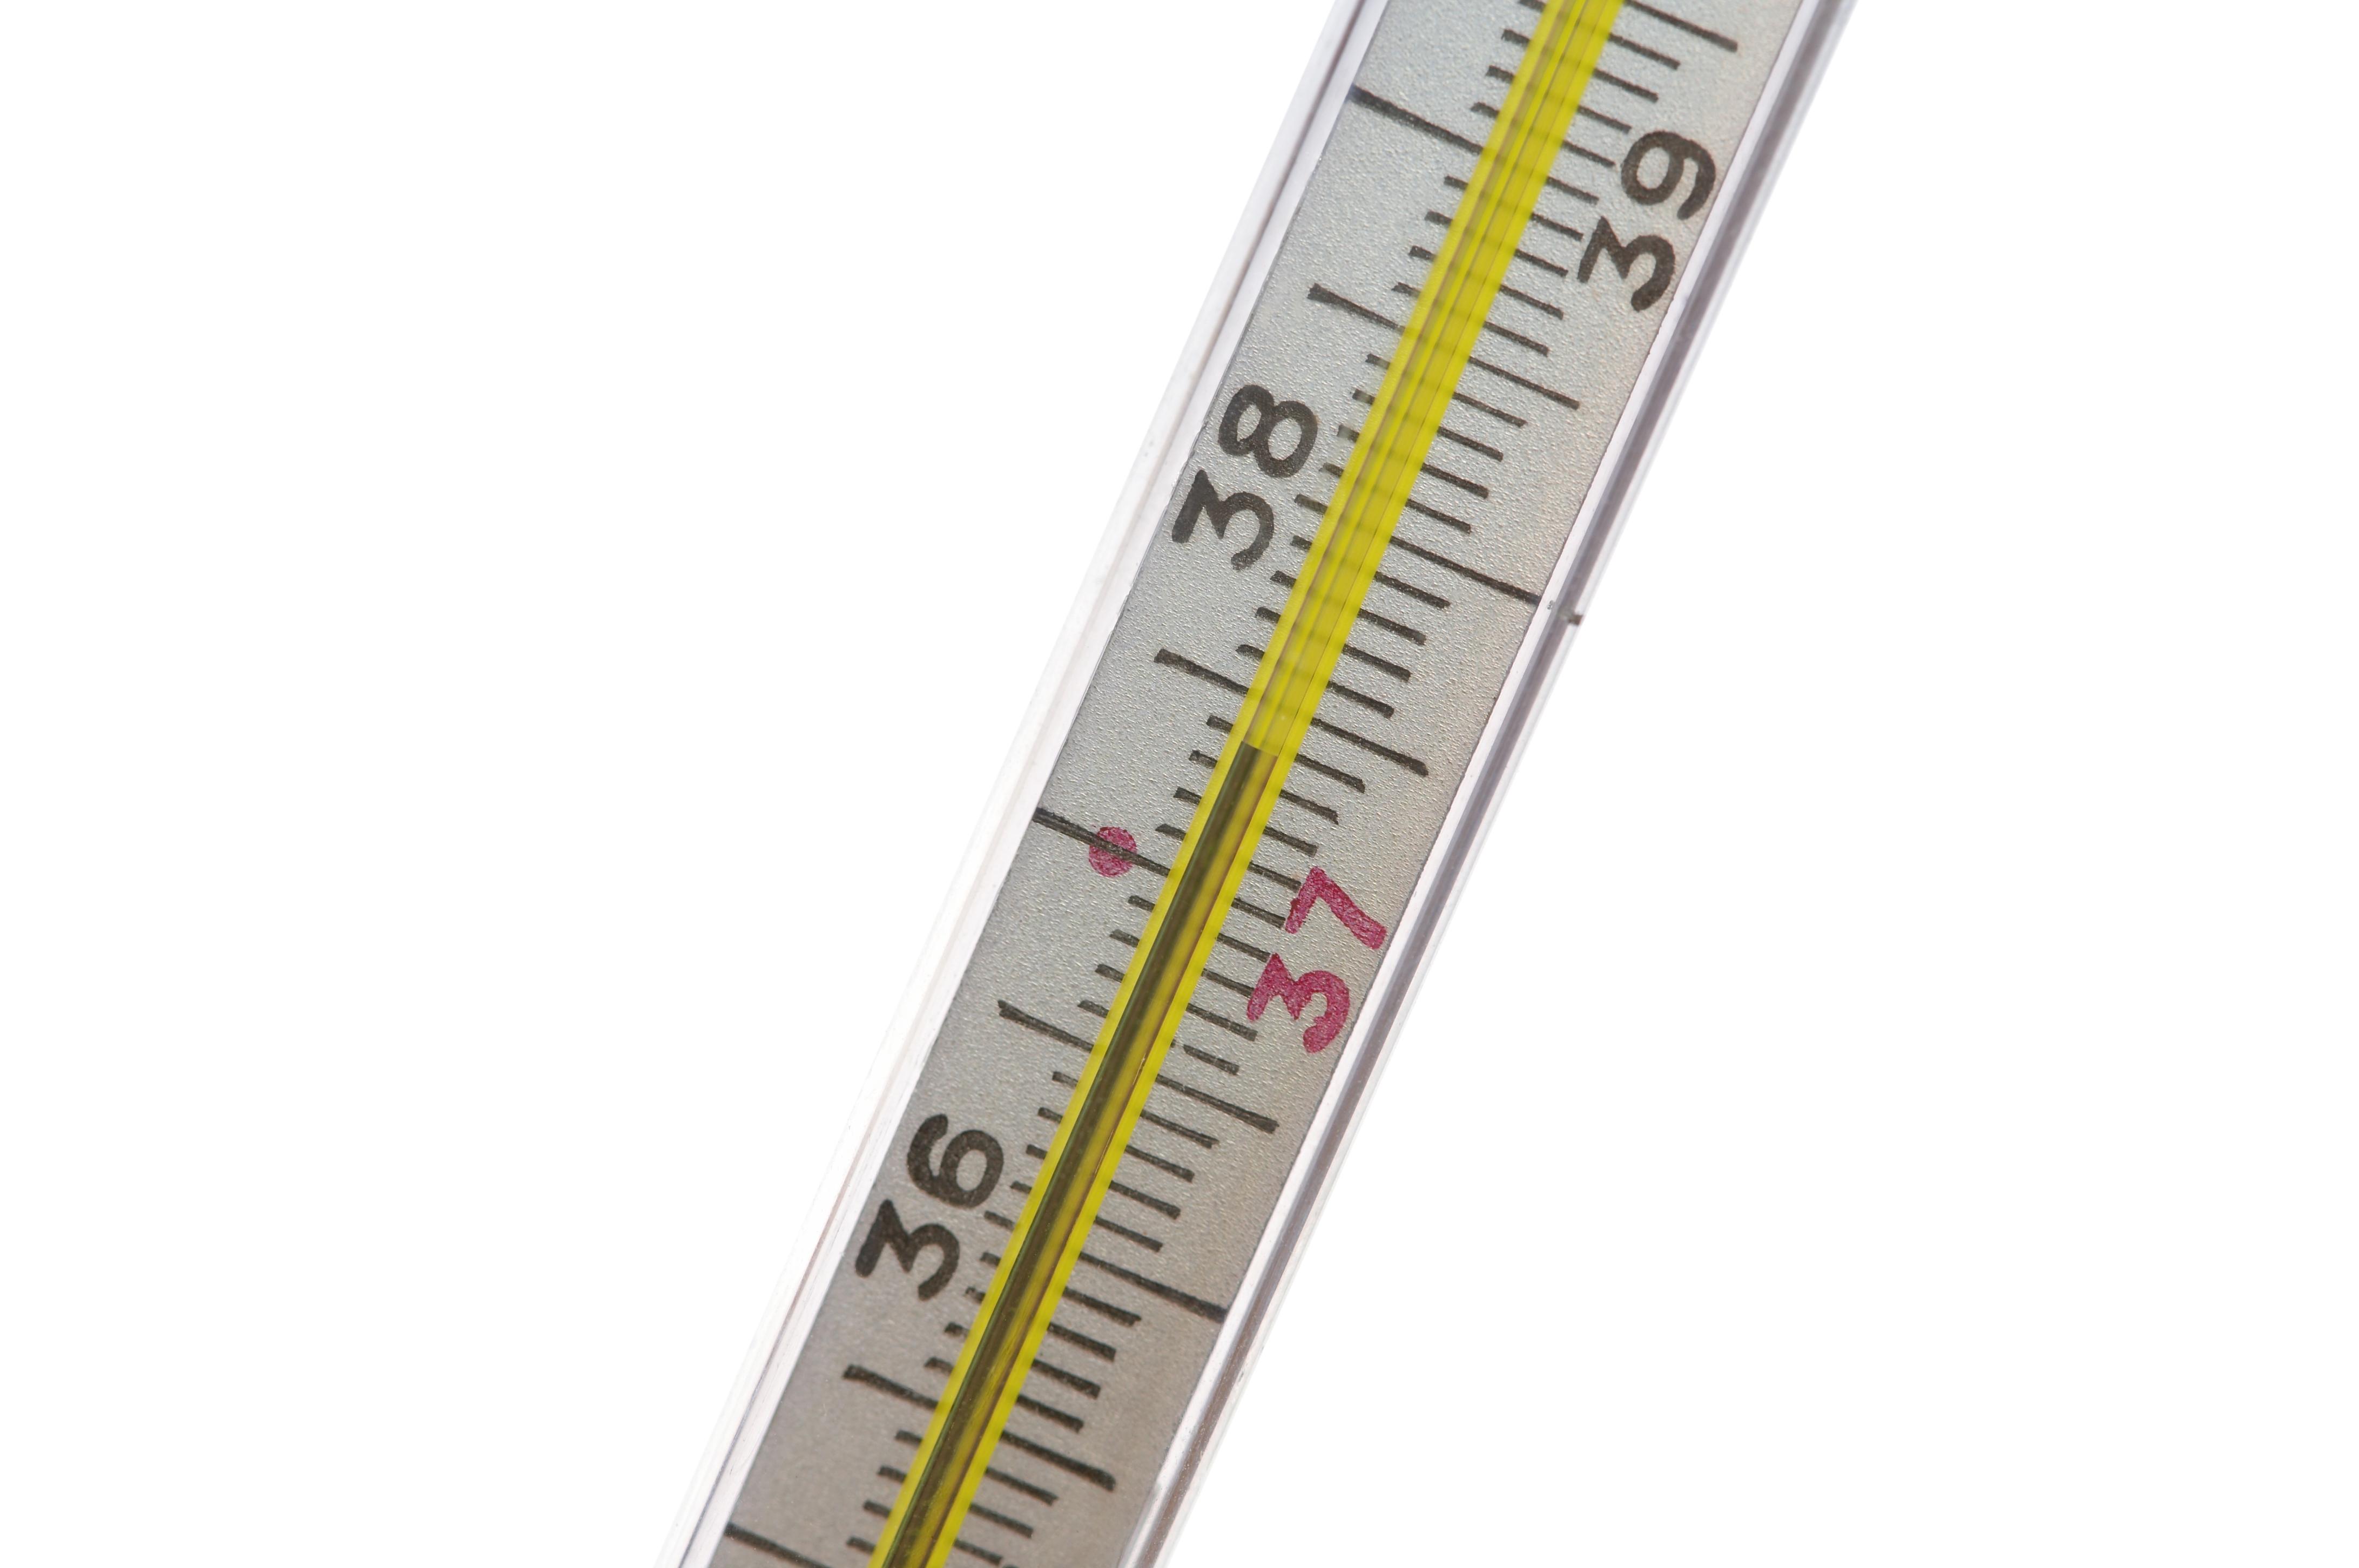 Teplotu do 38,5°C není nutné nějak srážet, pomáhá organismu s uzdravením